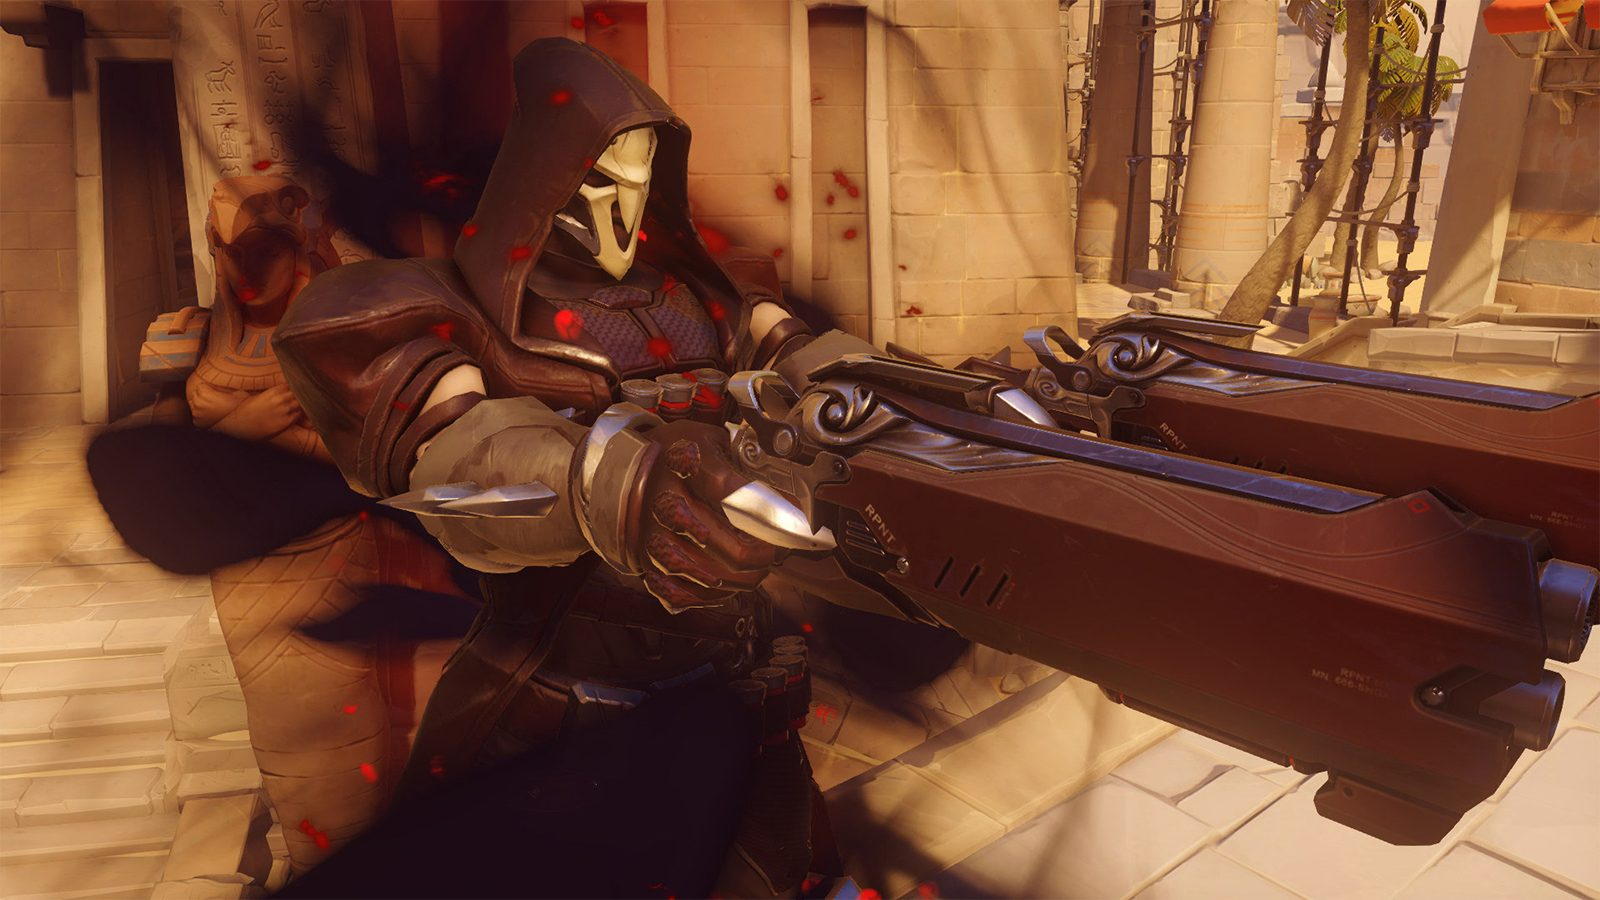 Reaper in Overwatch